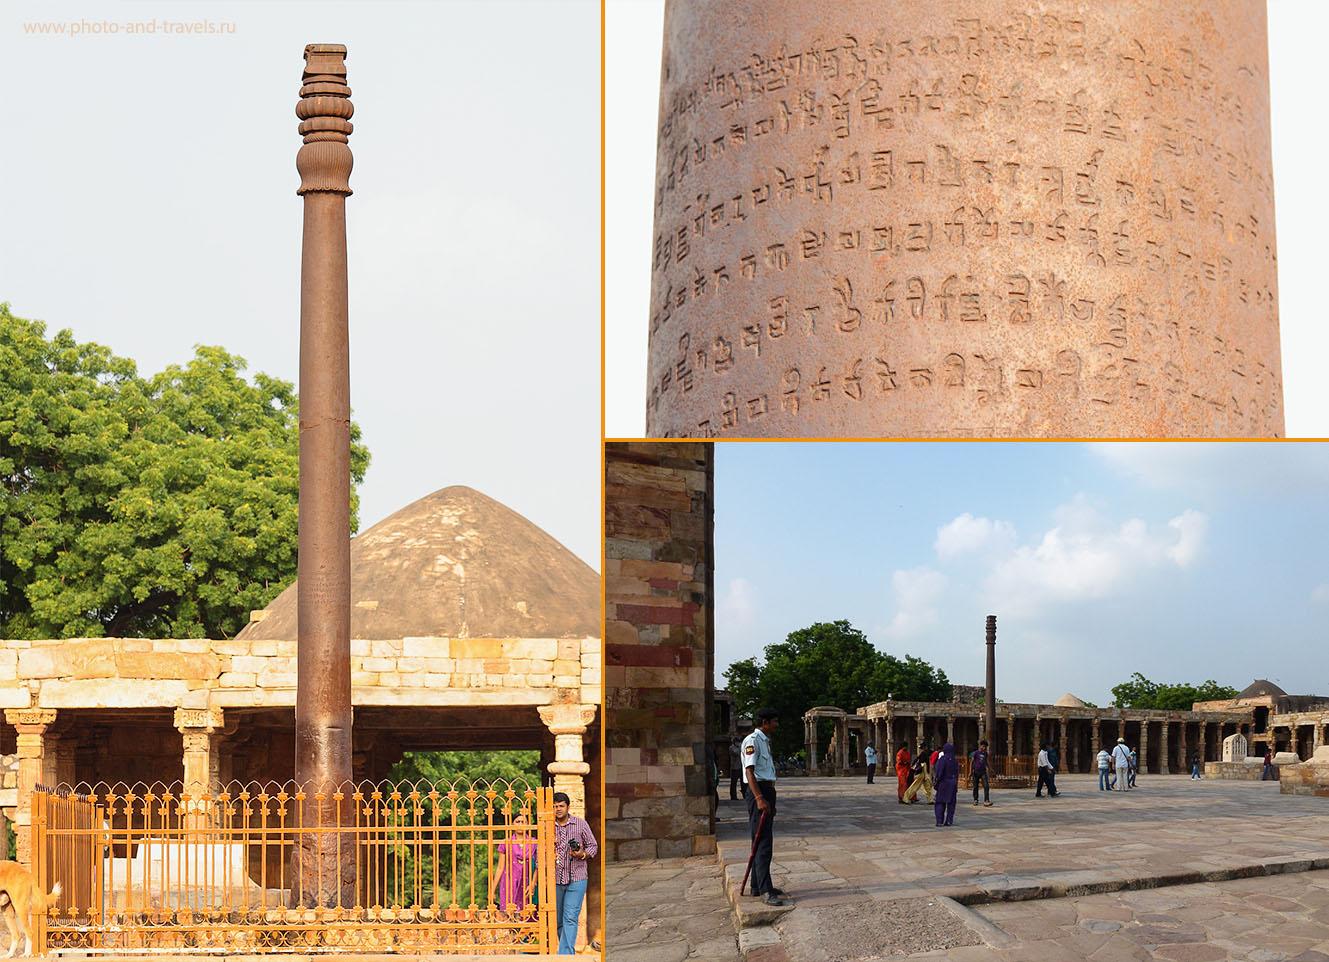 Фото 16. Железная колонная в Дели (Iron pillar of Delhi). Экскурсии по Золотому треугольнику Индии